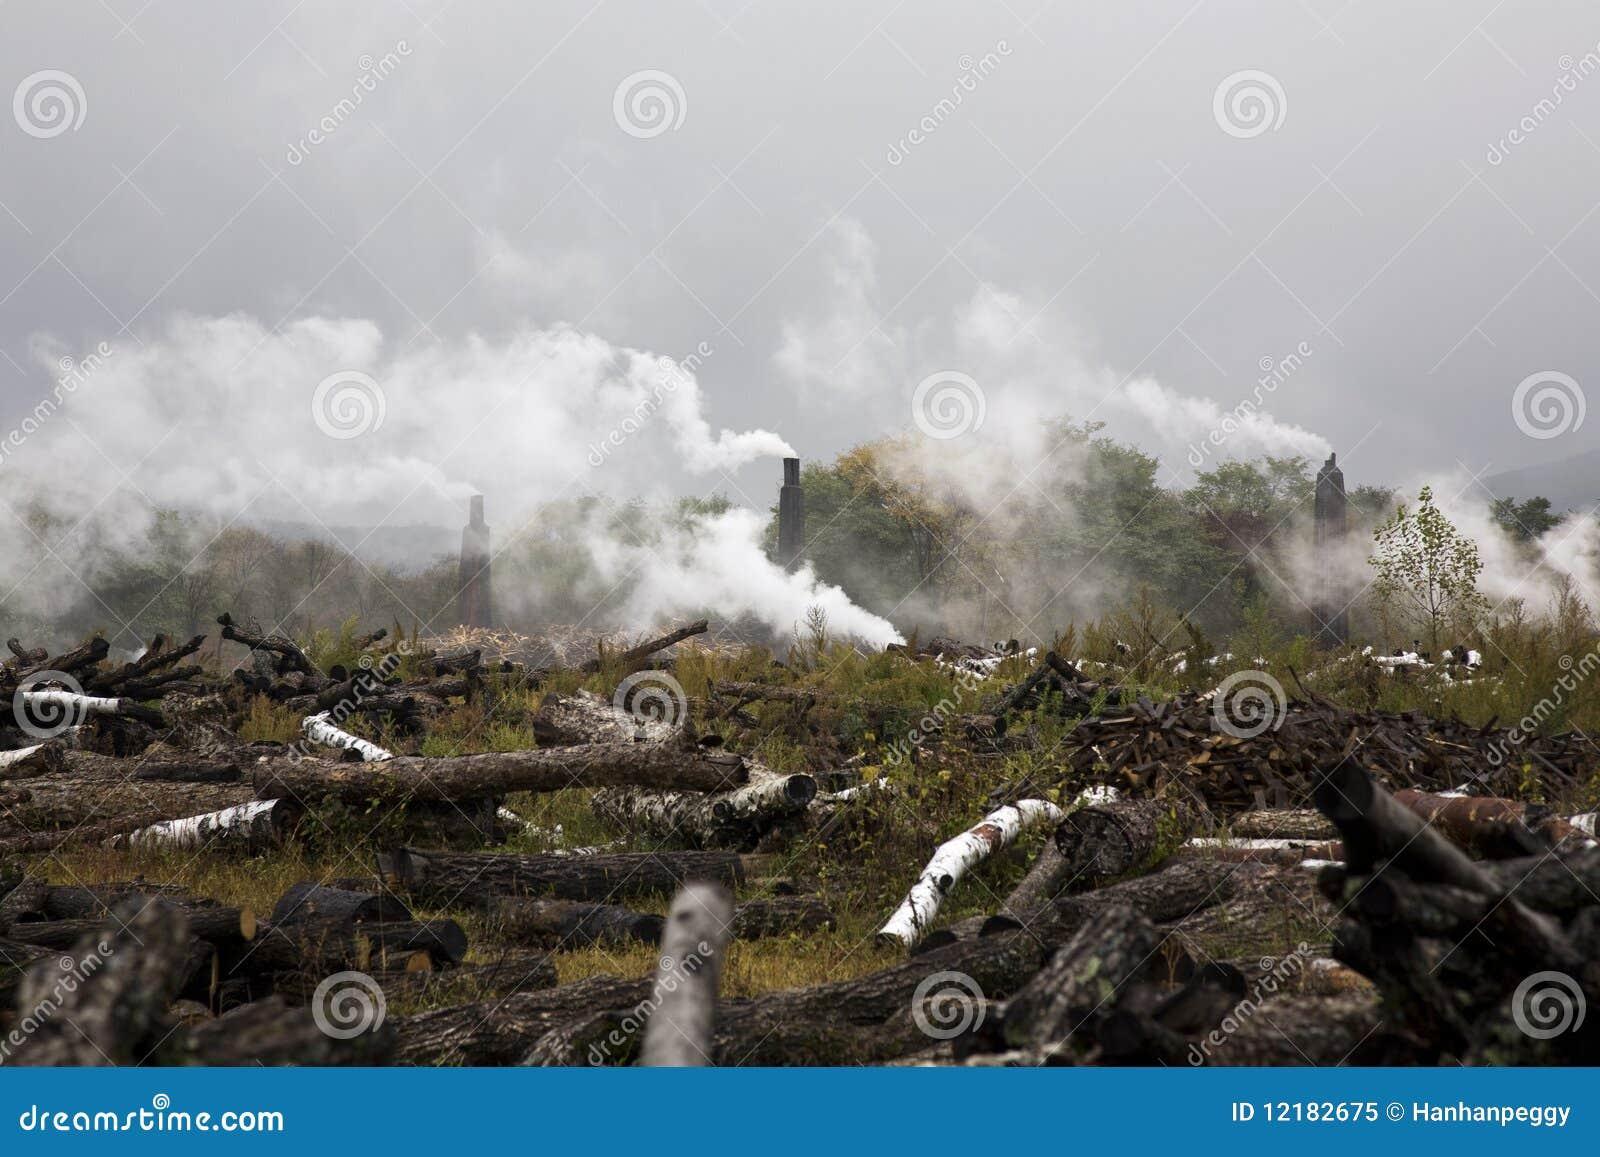 砍伐森林环境污染